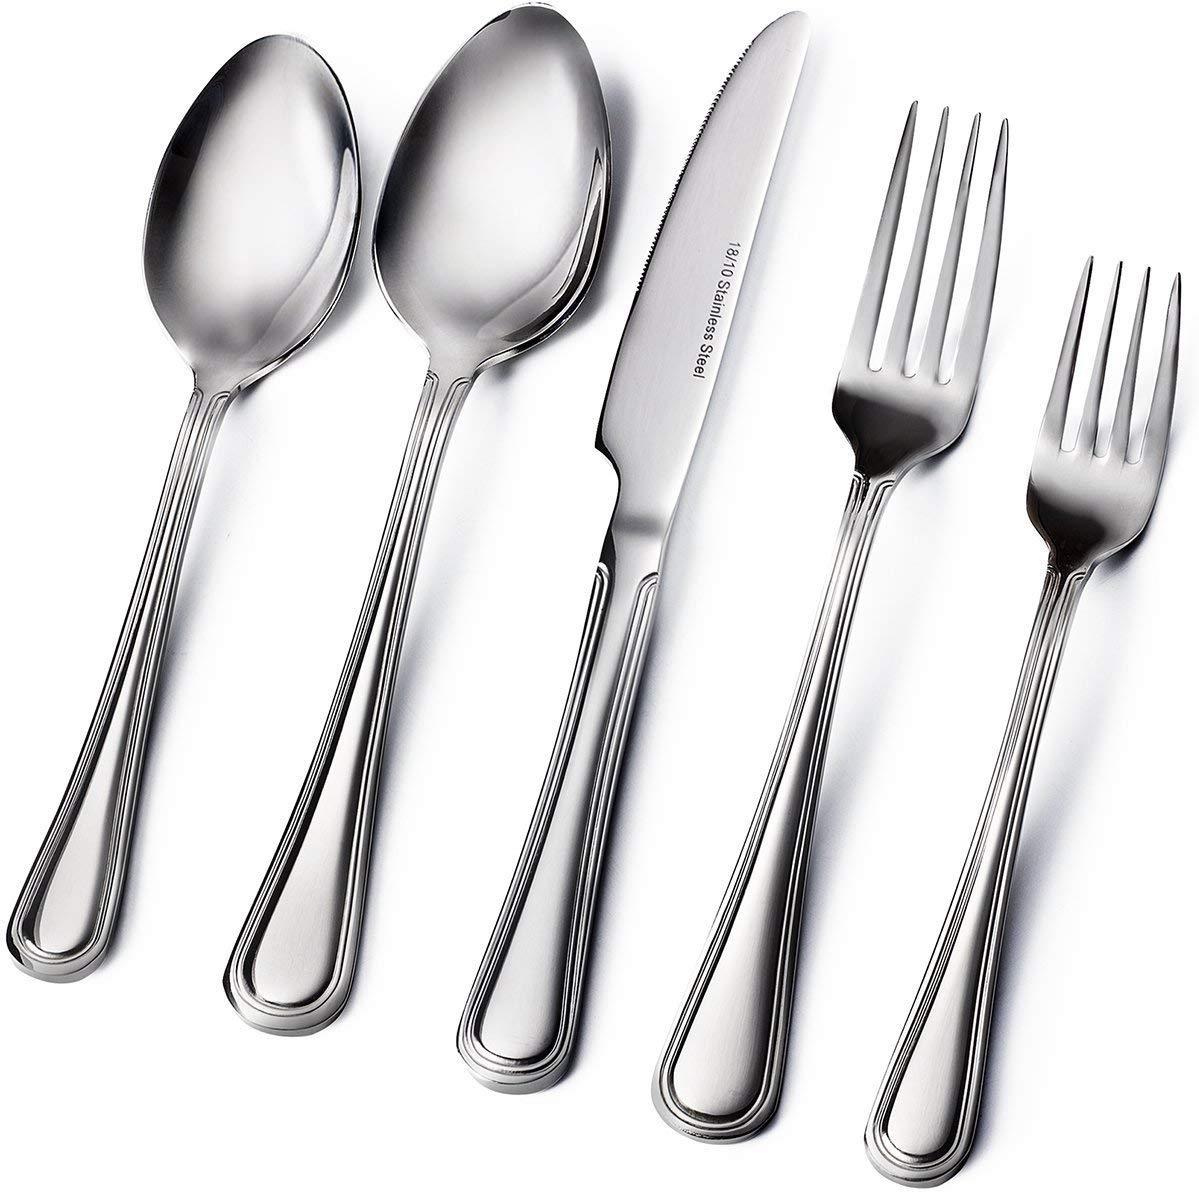 Sagler flatware set